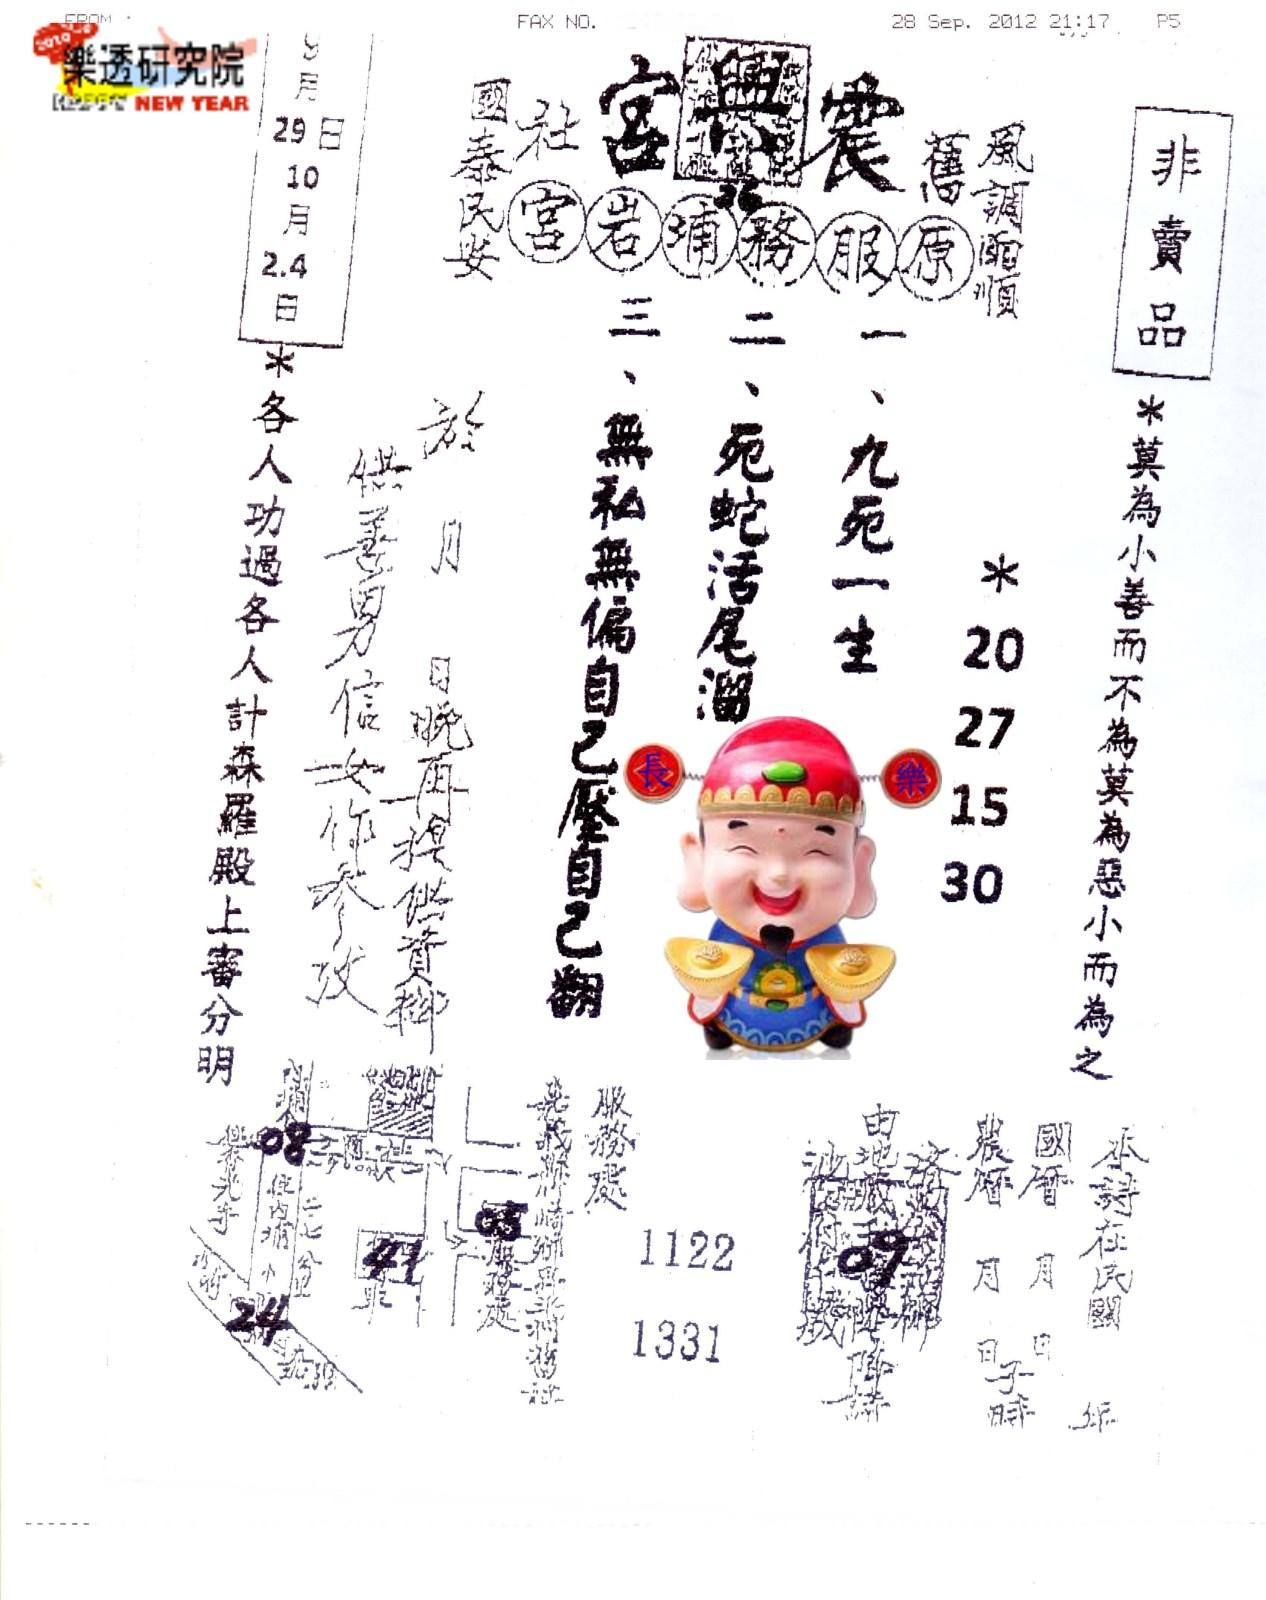 09/29 綜合籤詩 - 樂透研究院